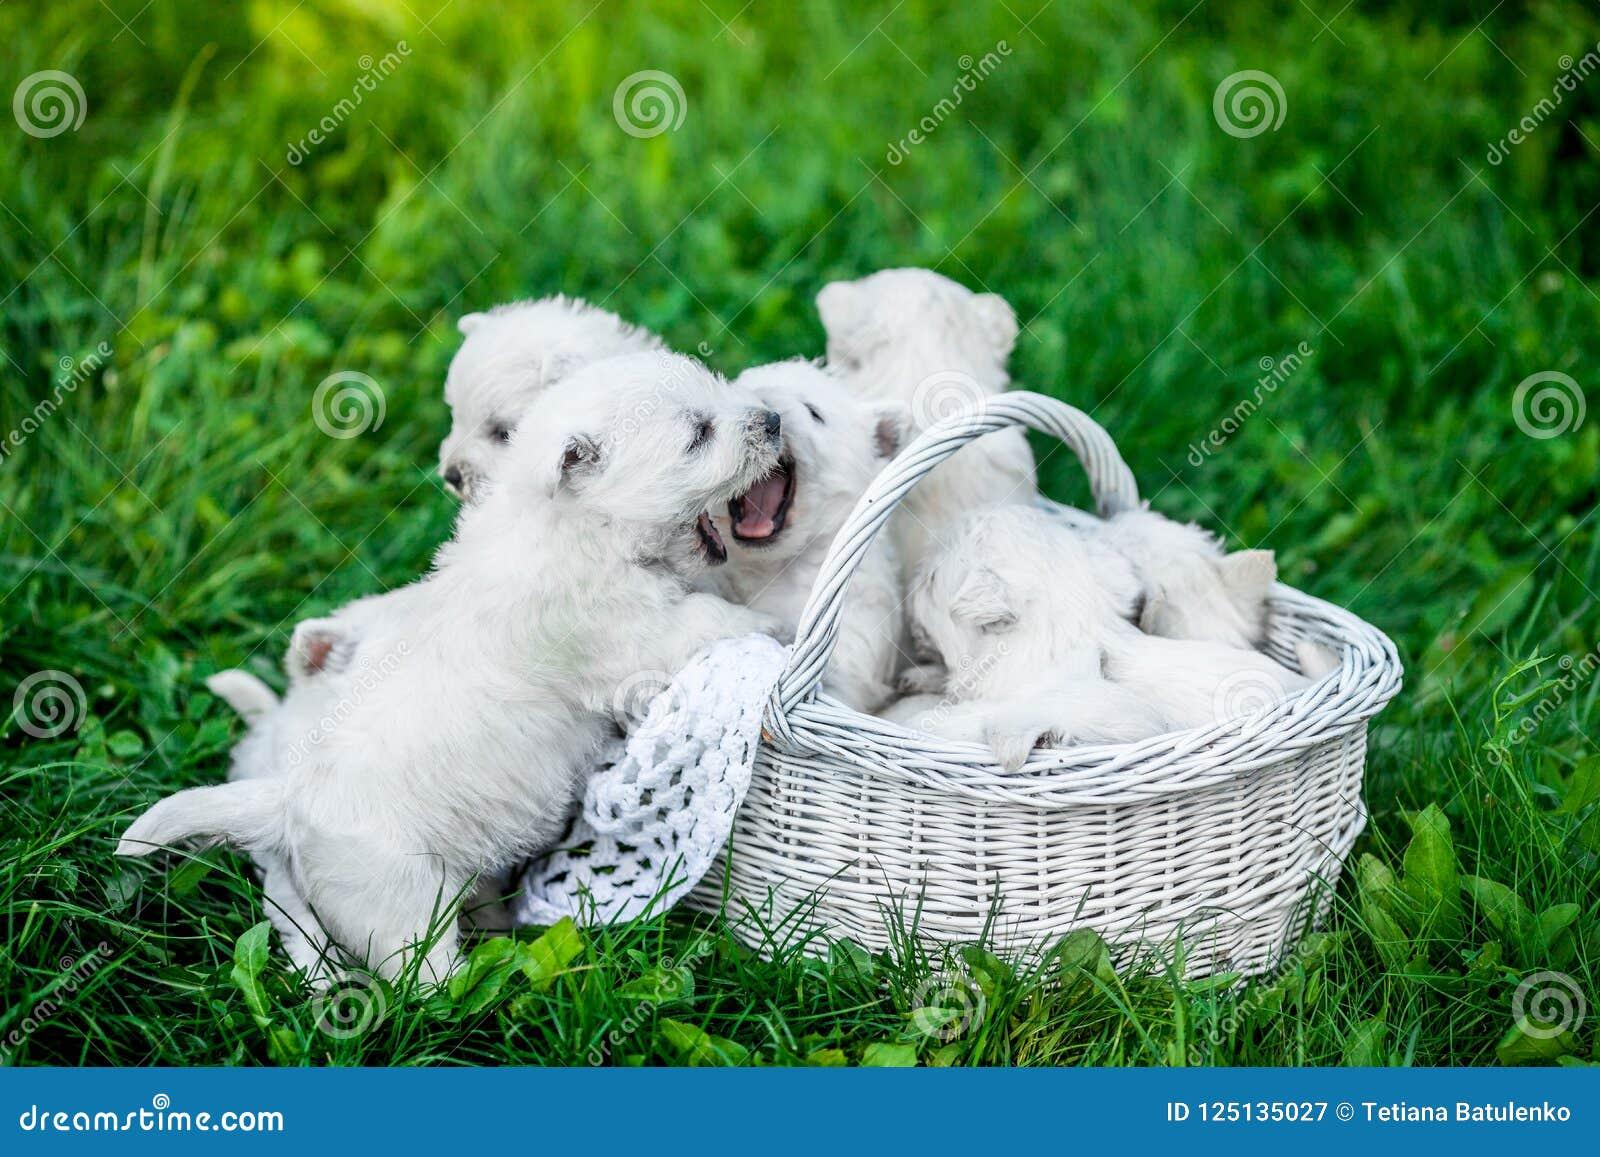 Siedem szczeniaków Zachodni średniogórze Biały Terrier w koszu z pięknymi światłami przy tłem